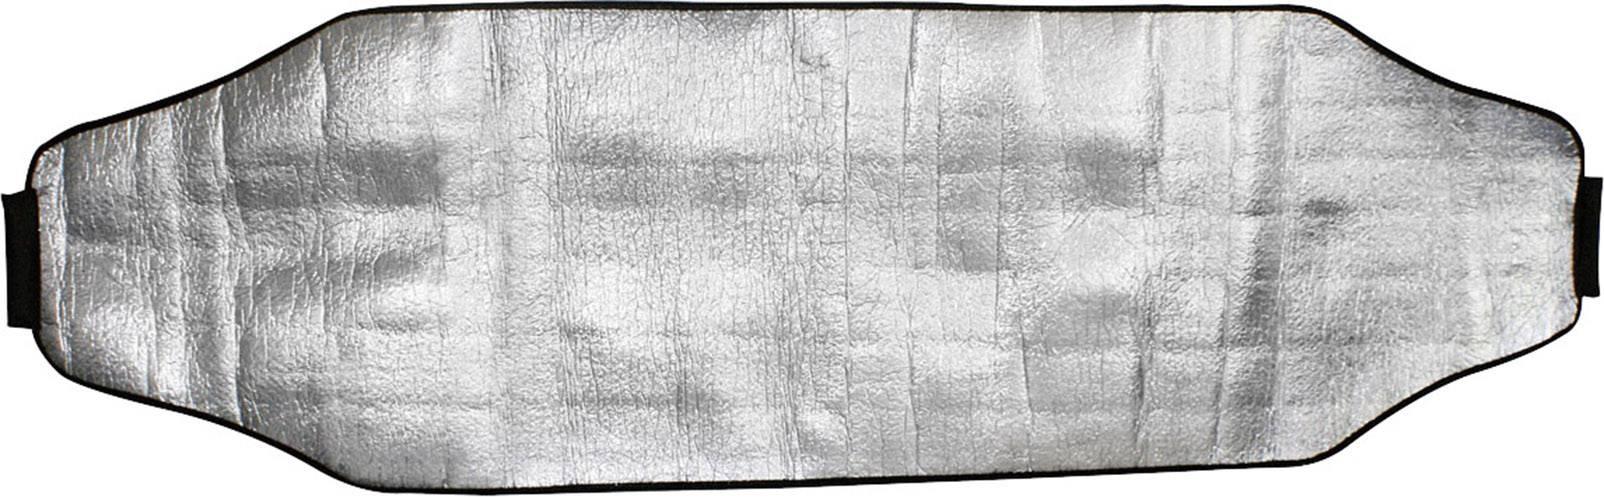 Hliníková clona na predné sklo APA XL 81454 strieborná (š x v) 212 cm x 70 cm